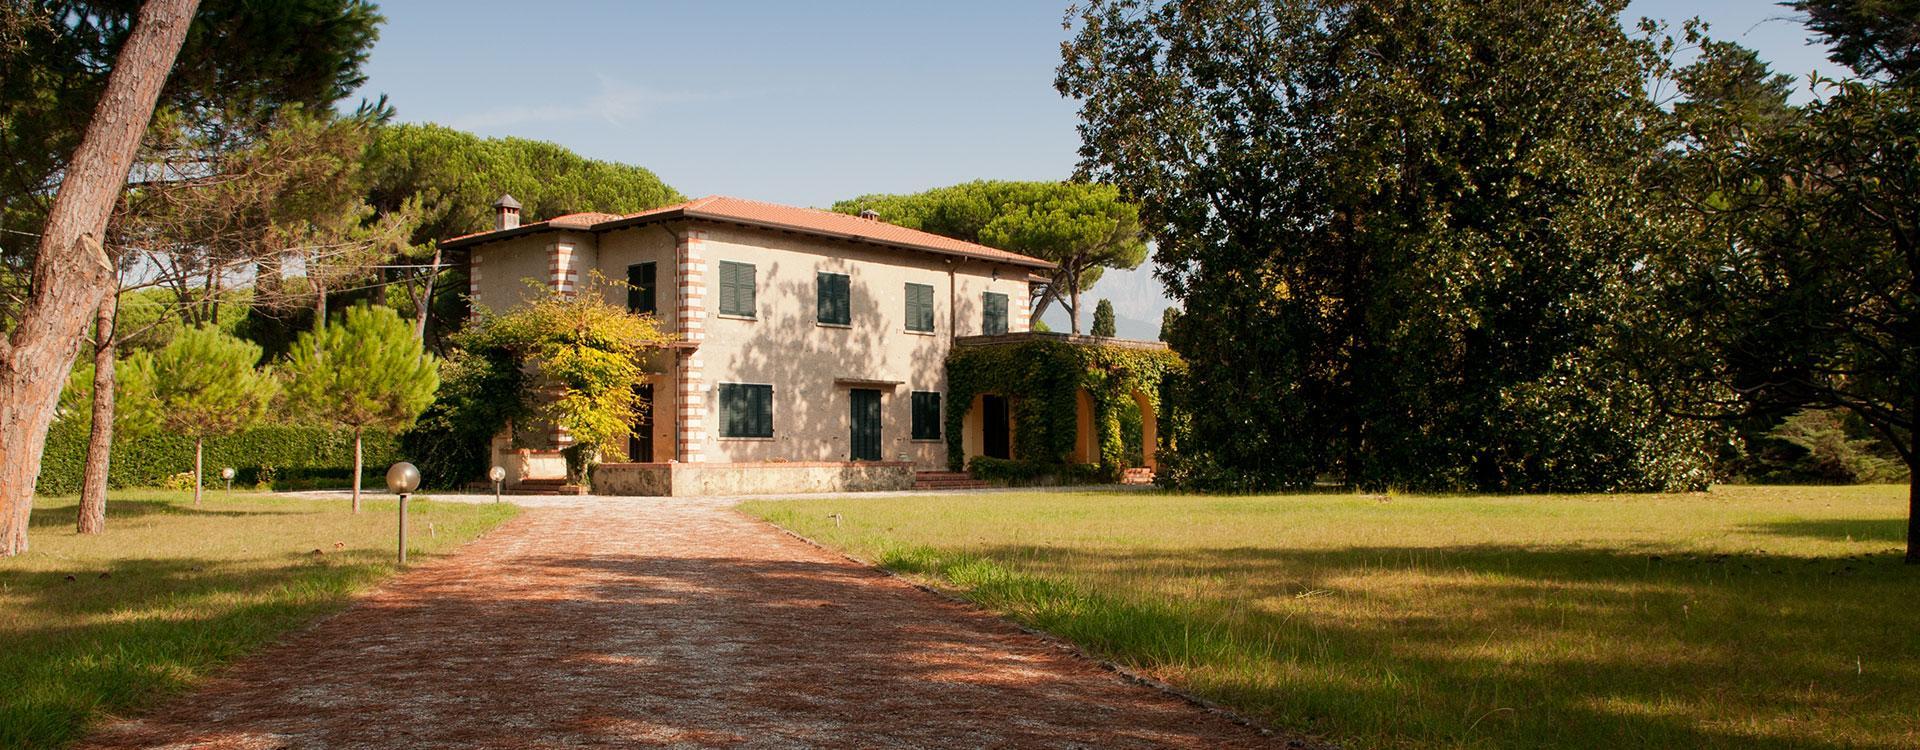 villa di lusso a forte dei marmi, lussuosa villa a forte dei marmi in vendita, elegante villa in vendita